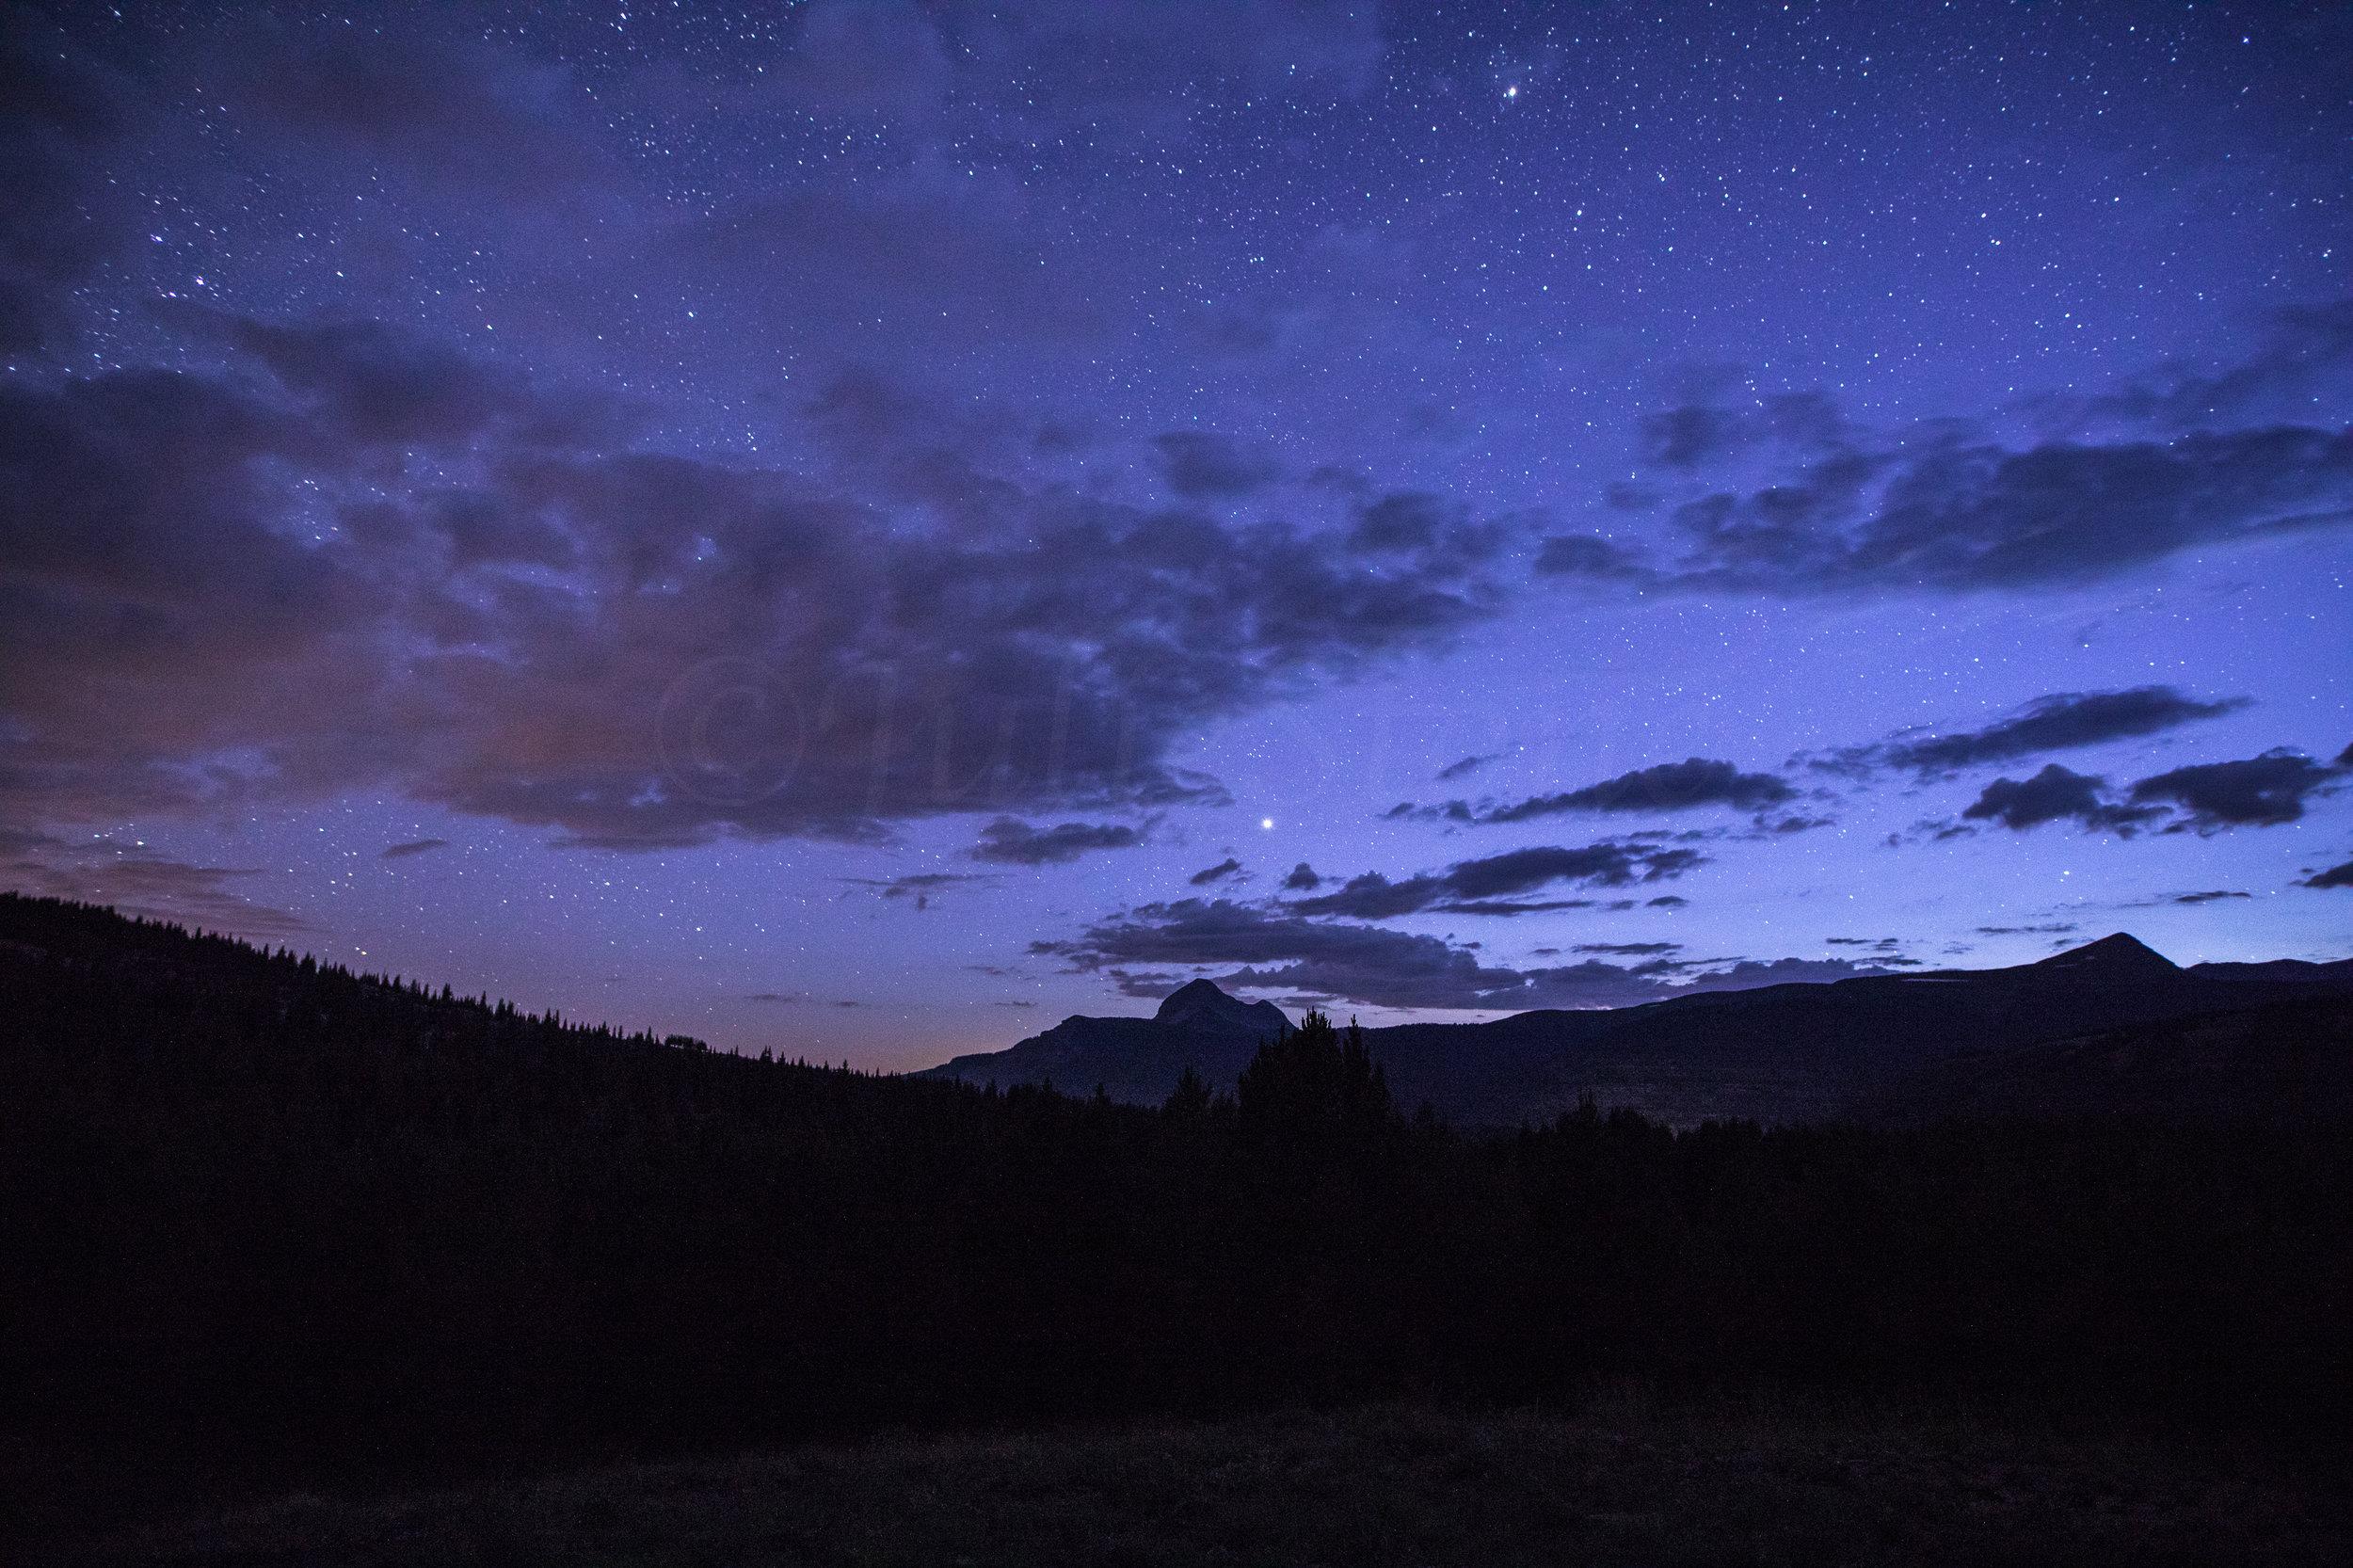 Engineer Starry Night, Image #7446